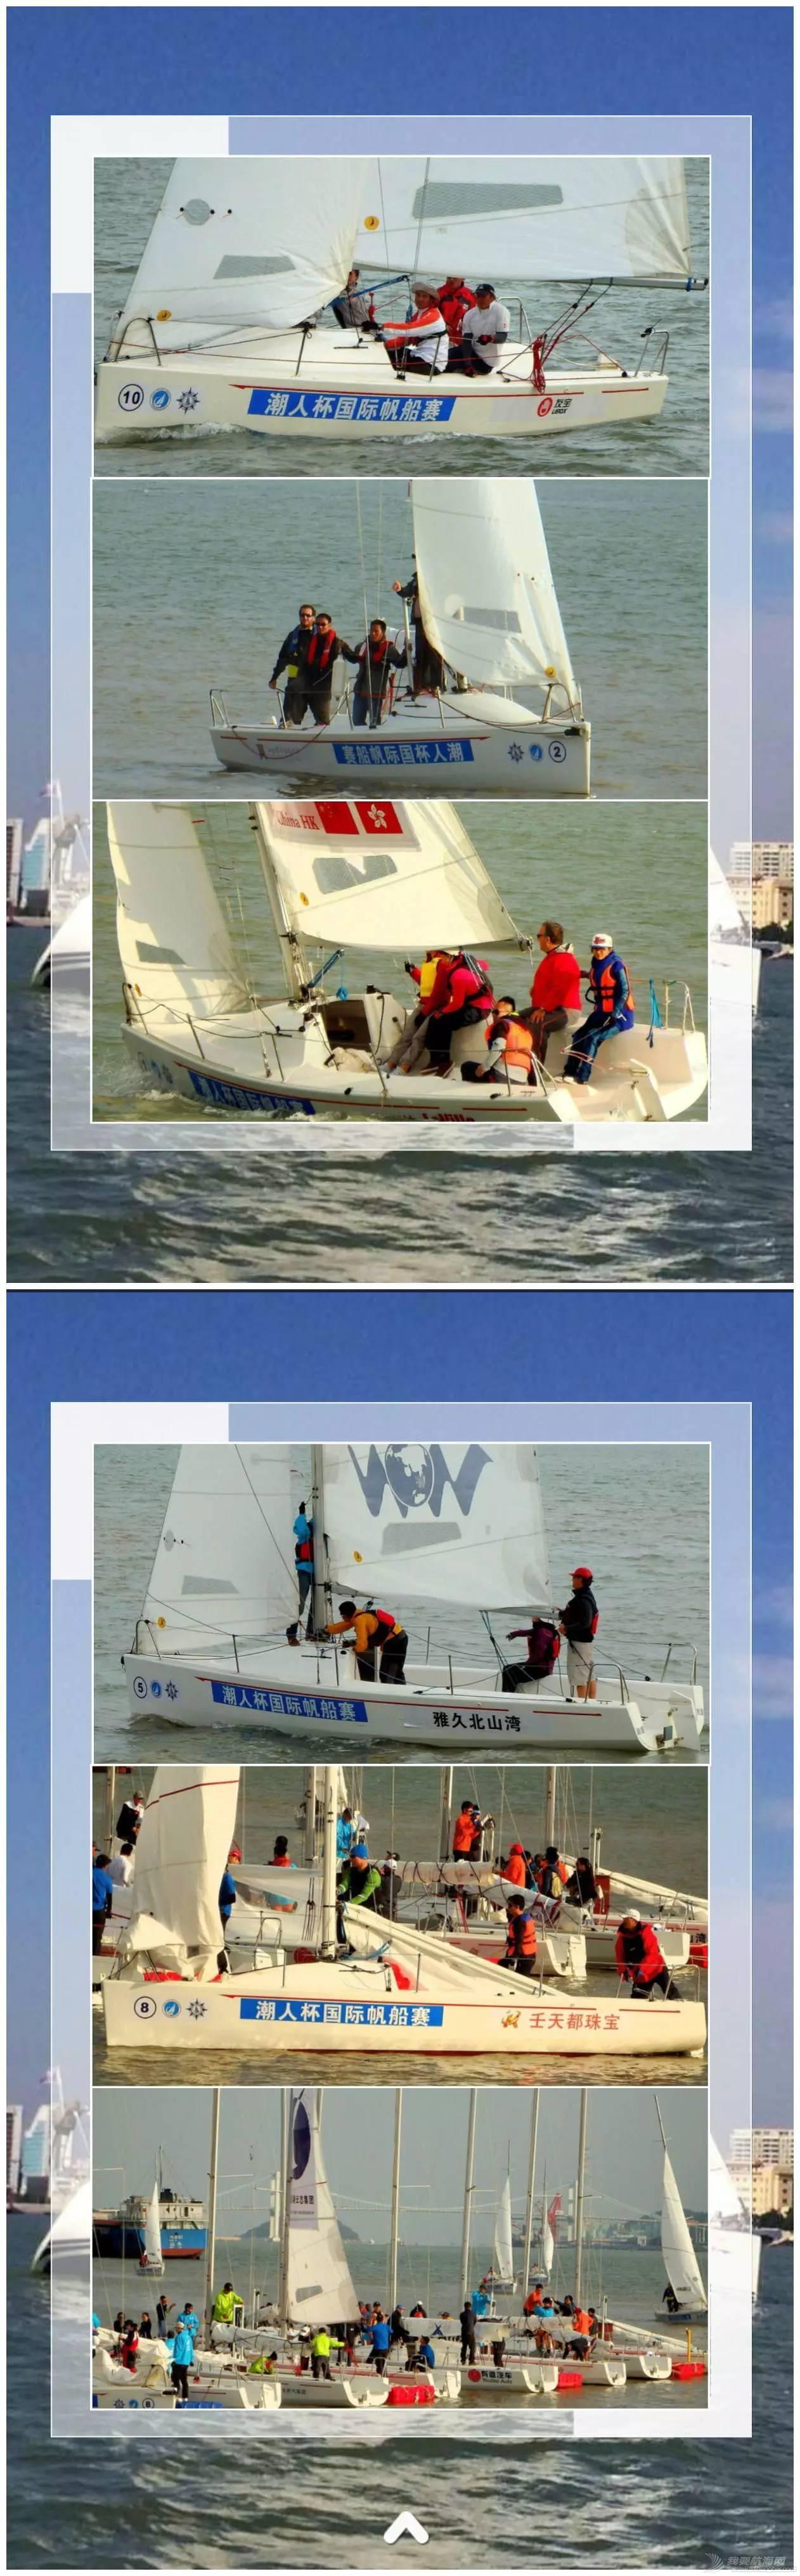 国际,微博 11月,一起扬帆潮人杯国际帆船赛! e31189fe4ed578b67c9f3b43850876e1.jpg